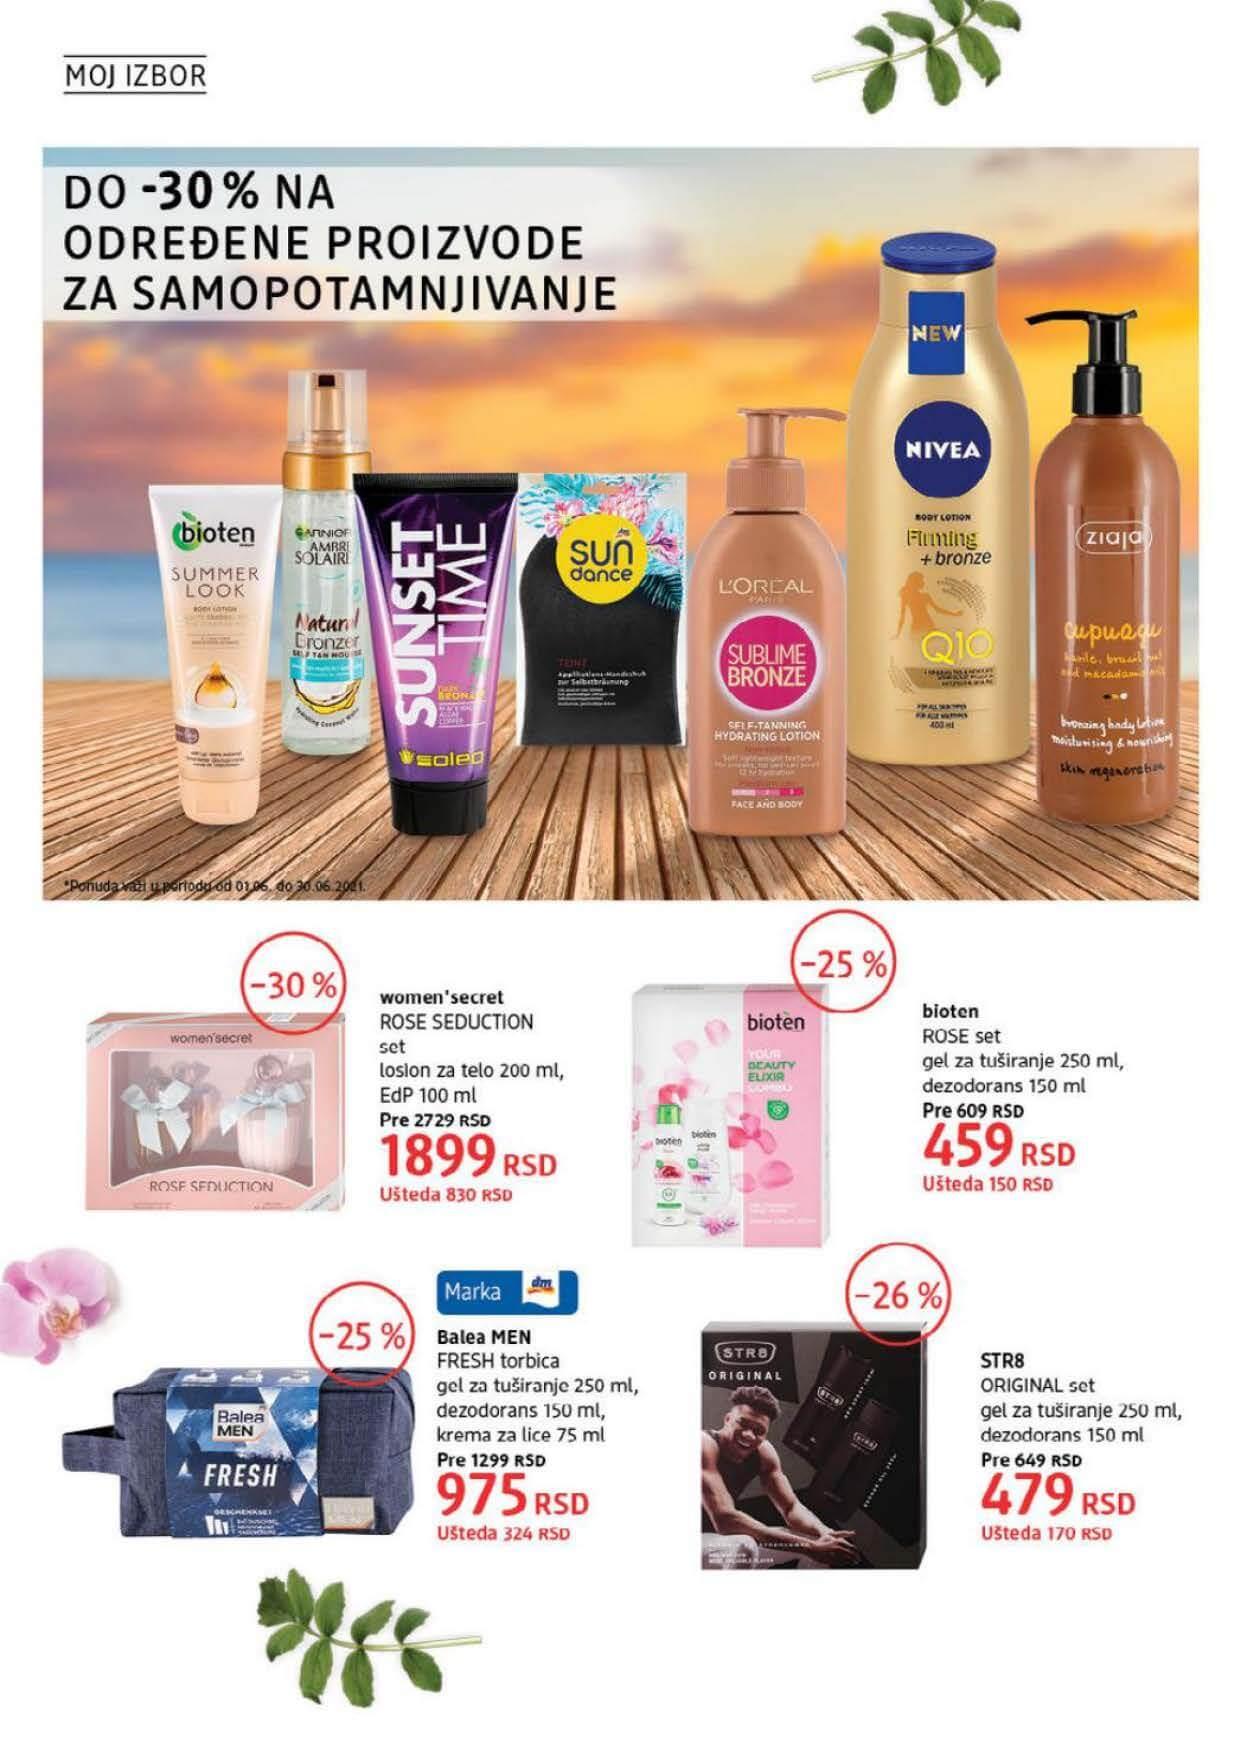 DM Katalog SRBIJA JUN 2021 01.06.2021. 30.06.2021. eKatalozi.com PR Page 22